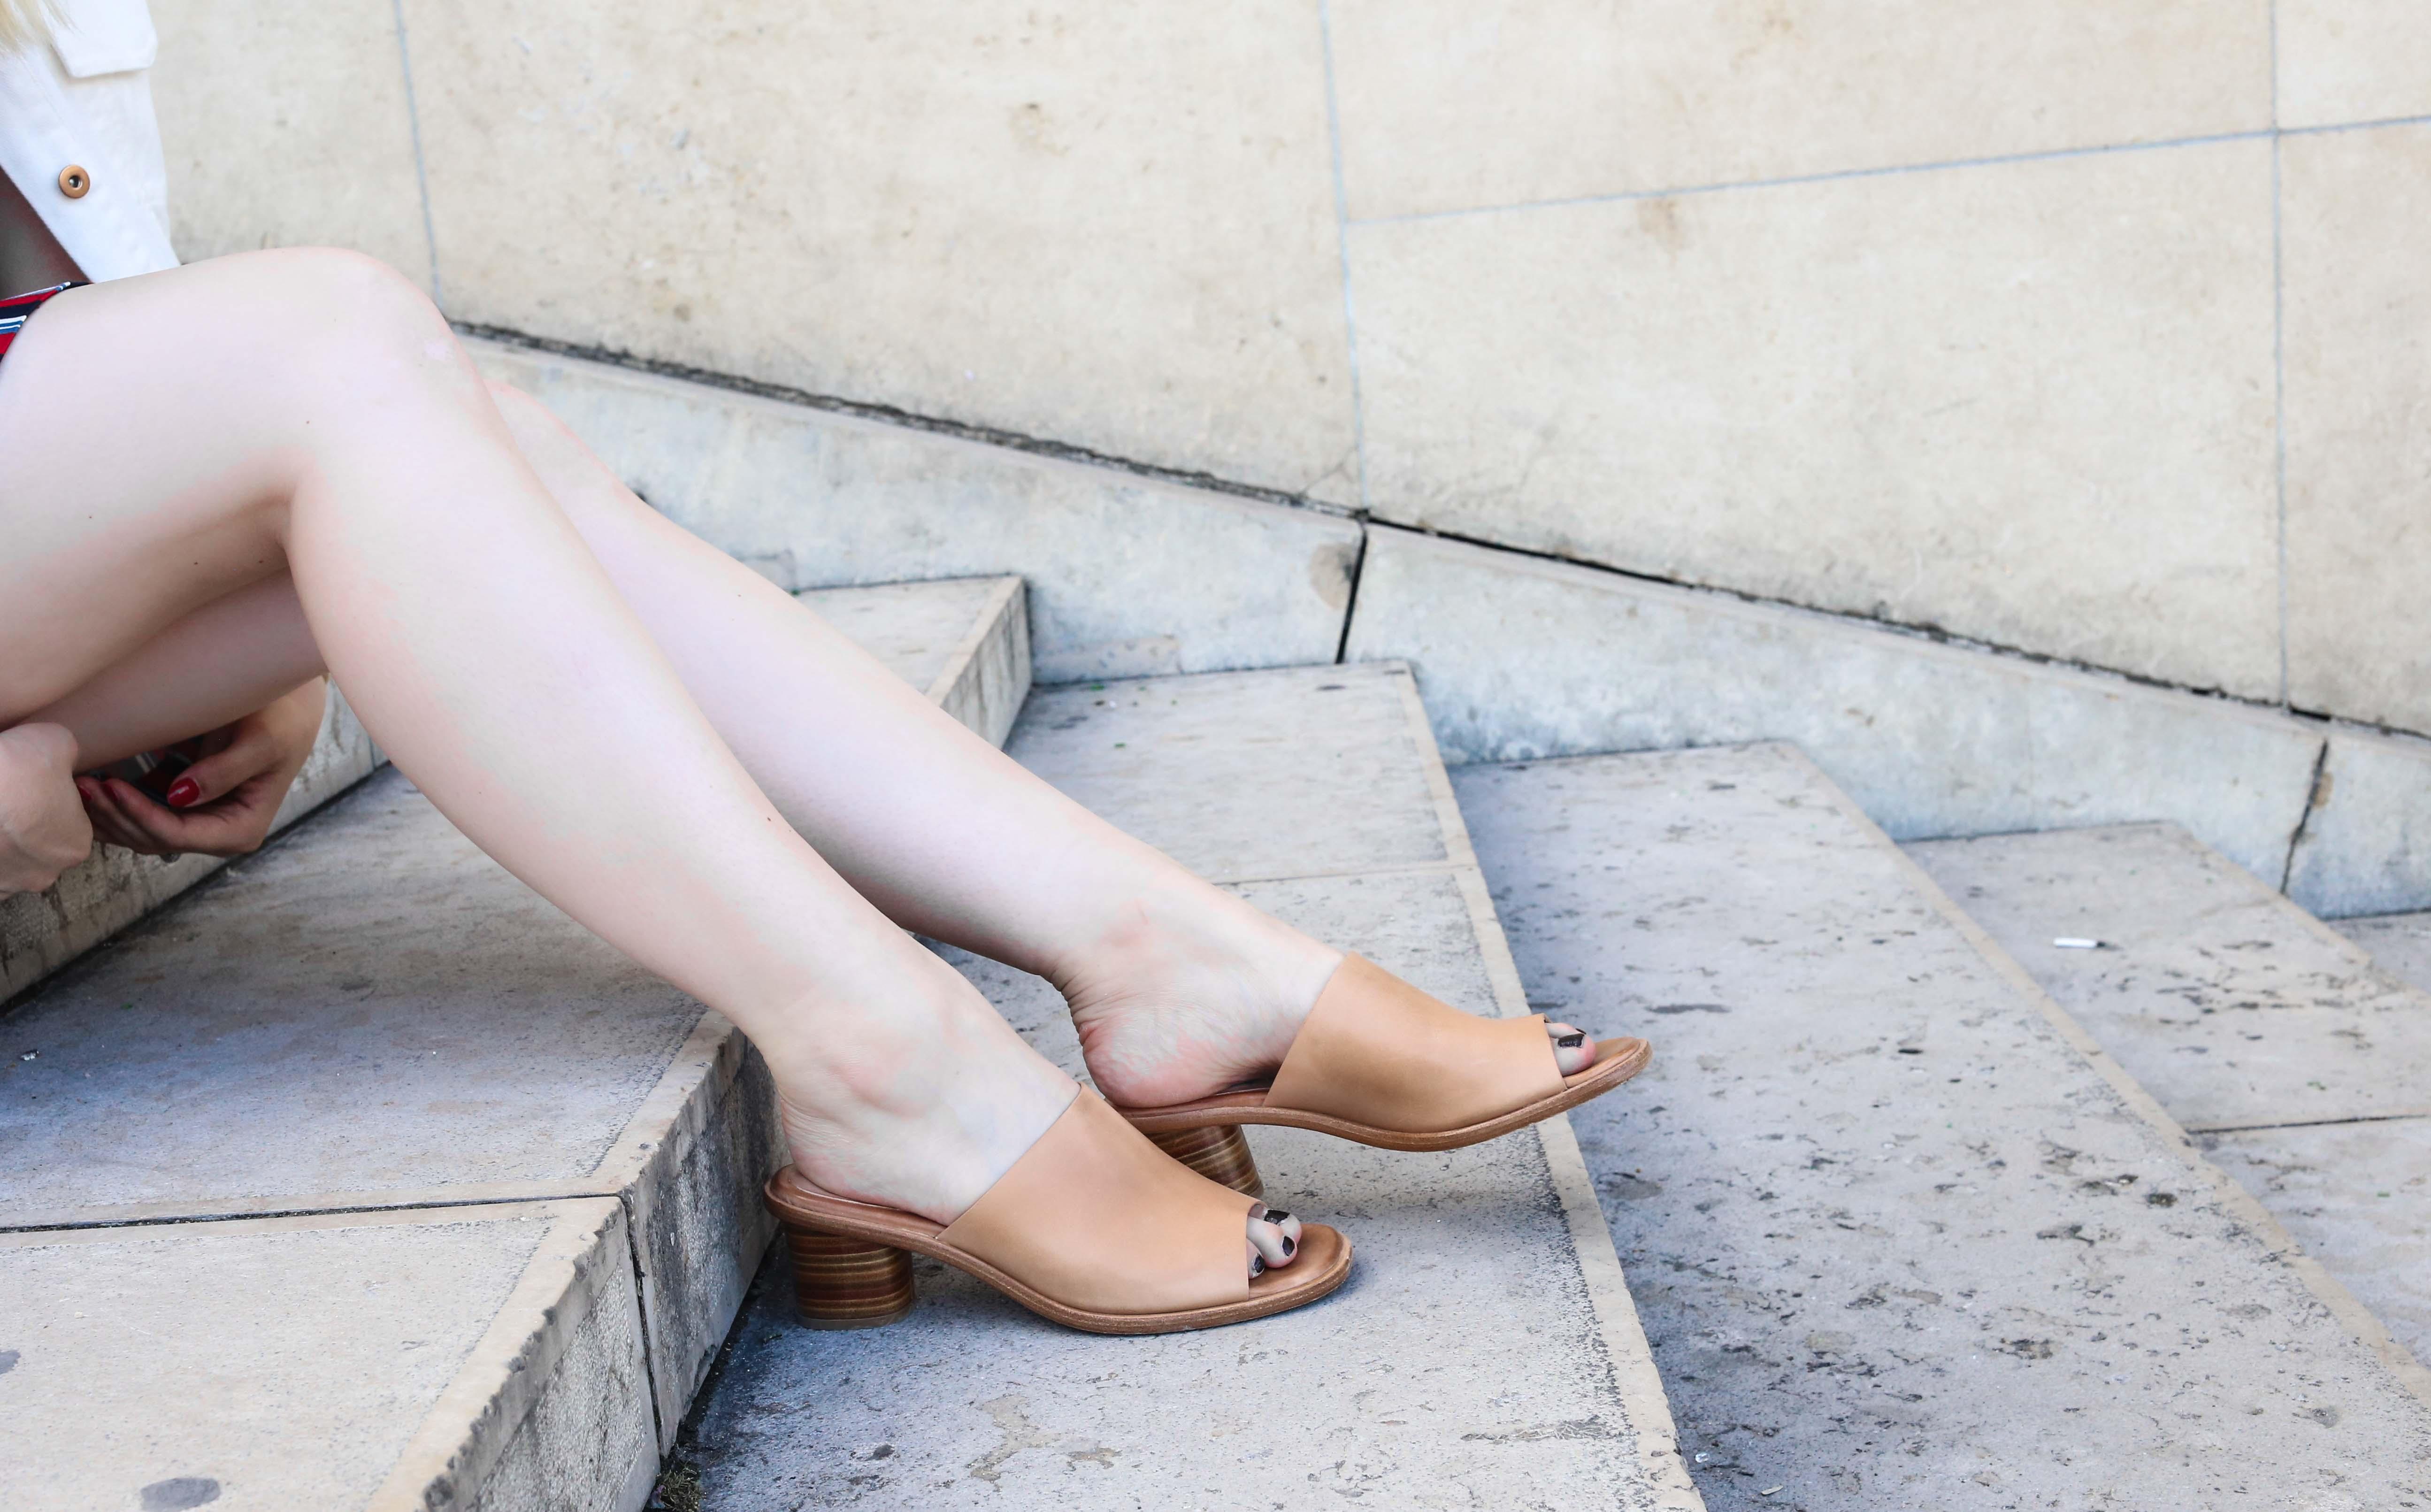 parisienne-chic-baskenmütze-mules-paris-outfit-modeblog-fashionblog-mode-blog_0963